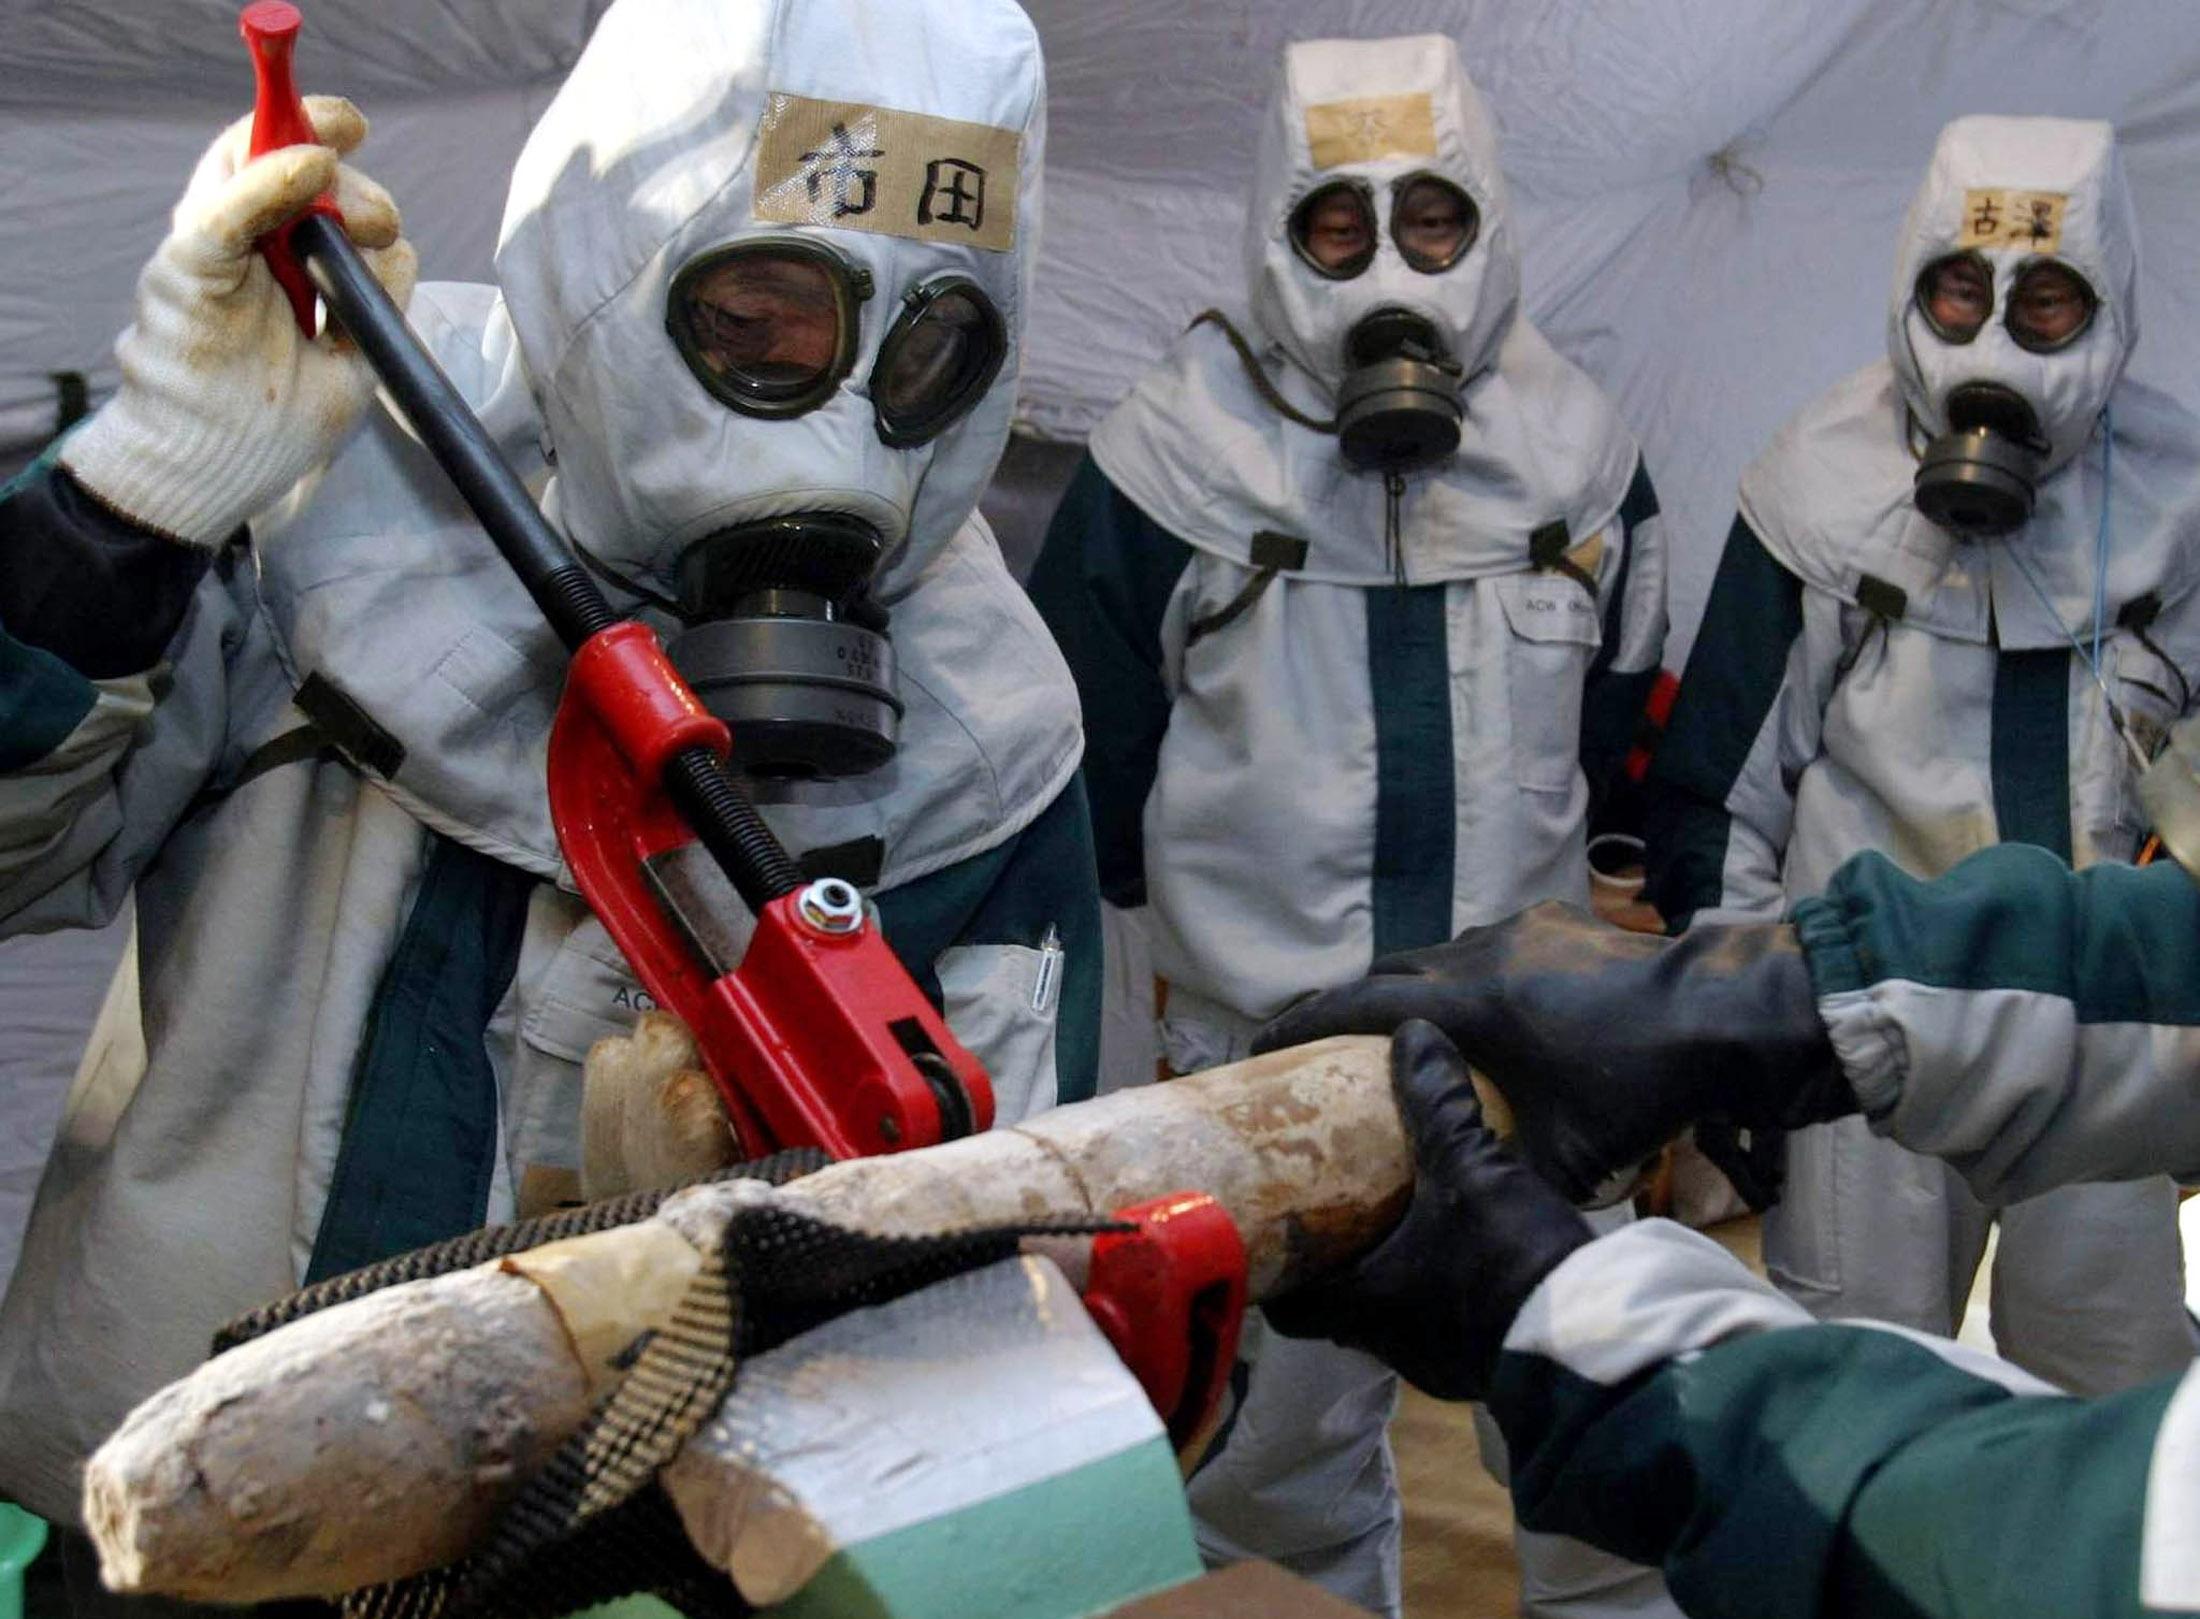 باحثون يفككون محتويات قنبلة تحتوي على غازات سامة